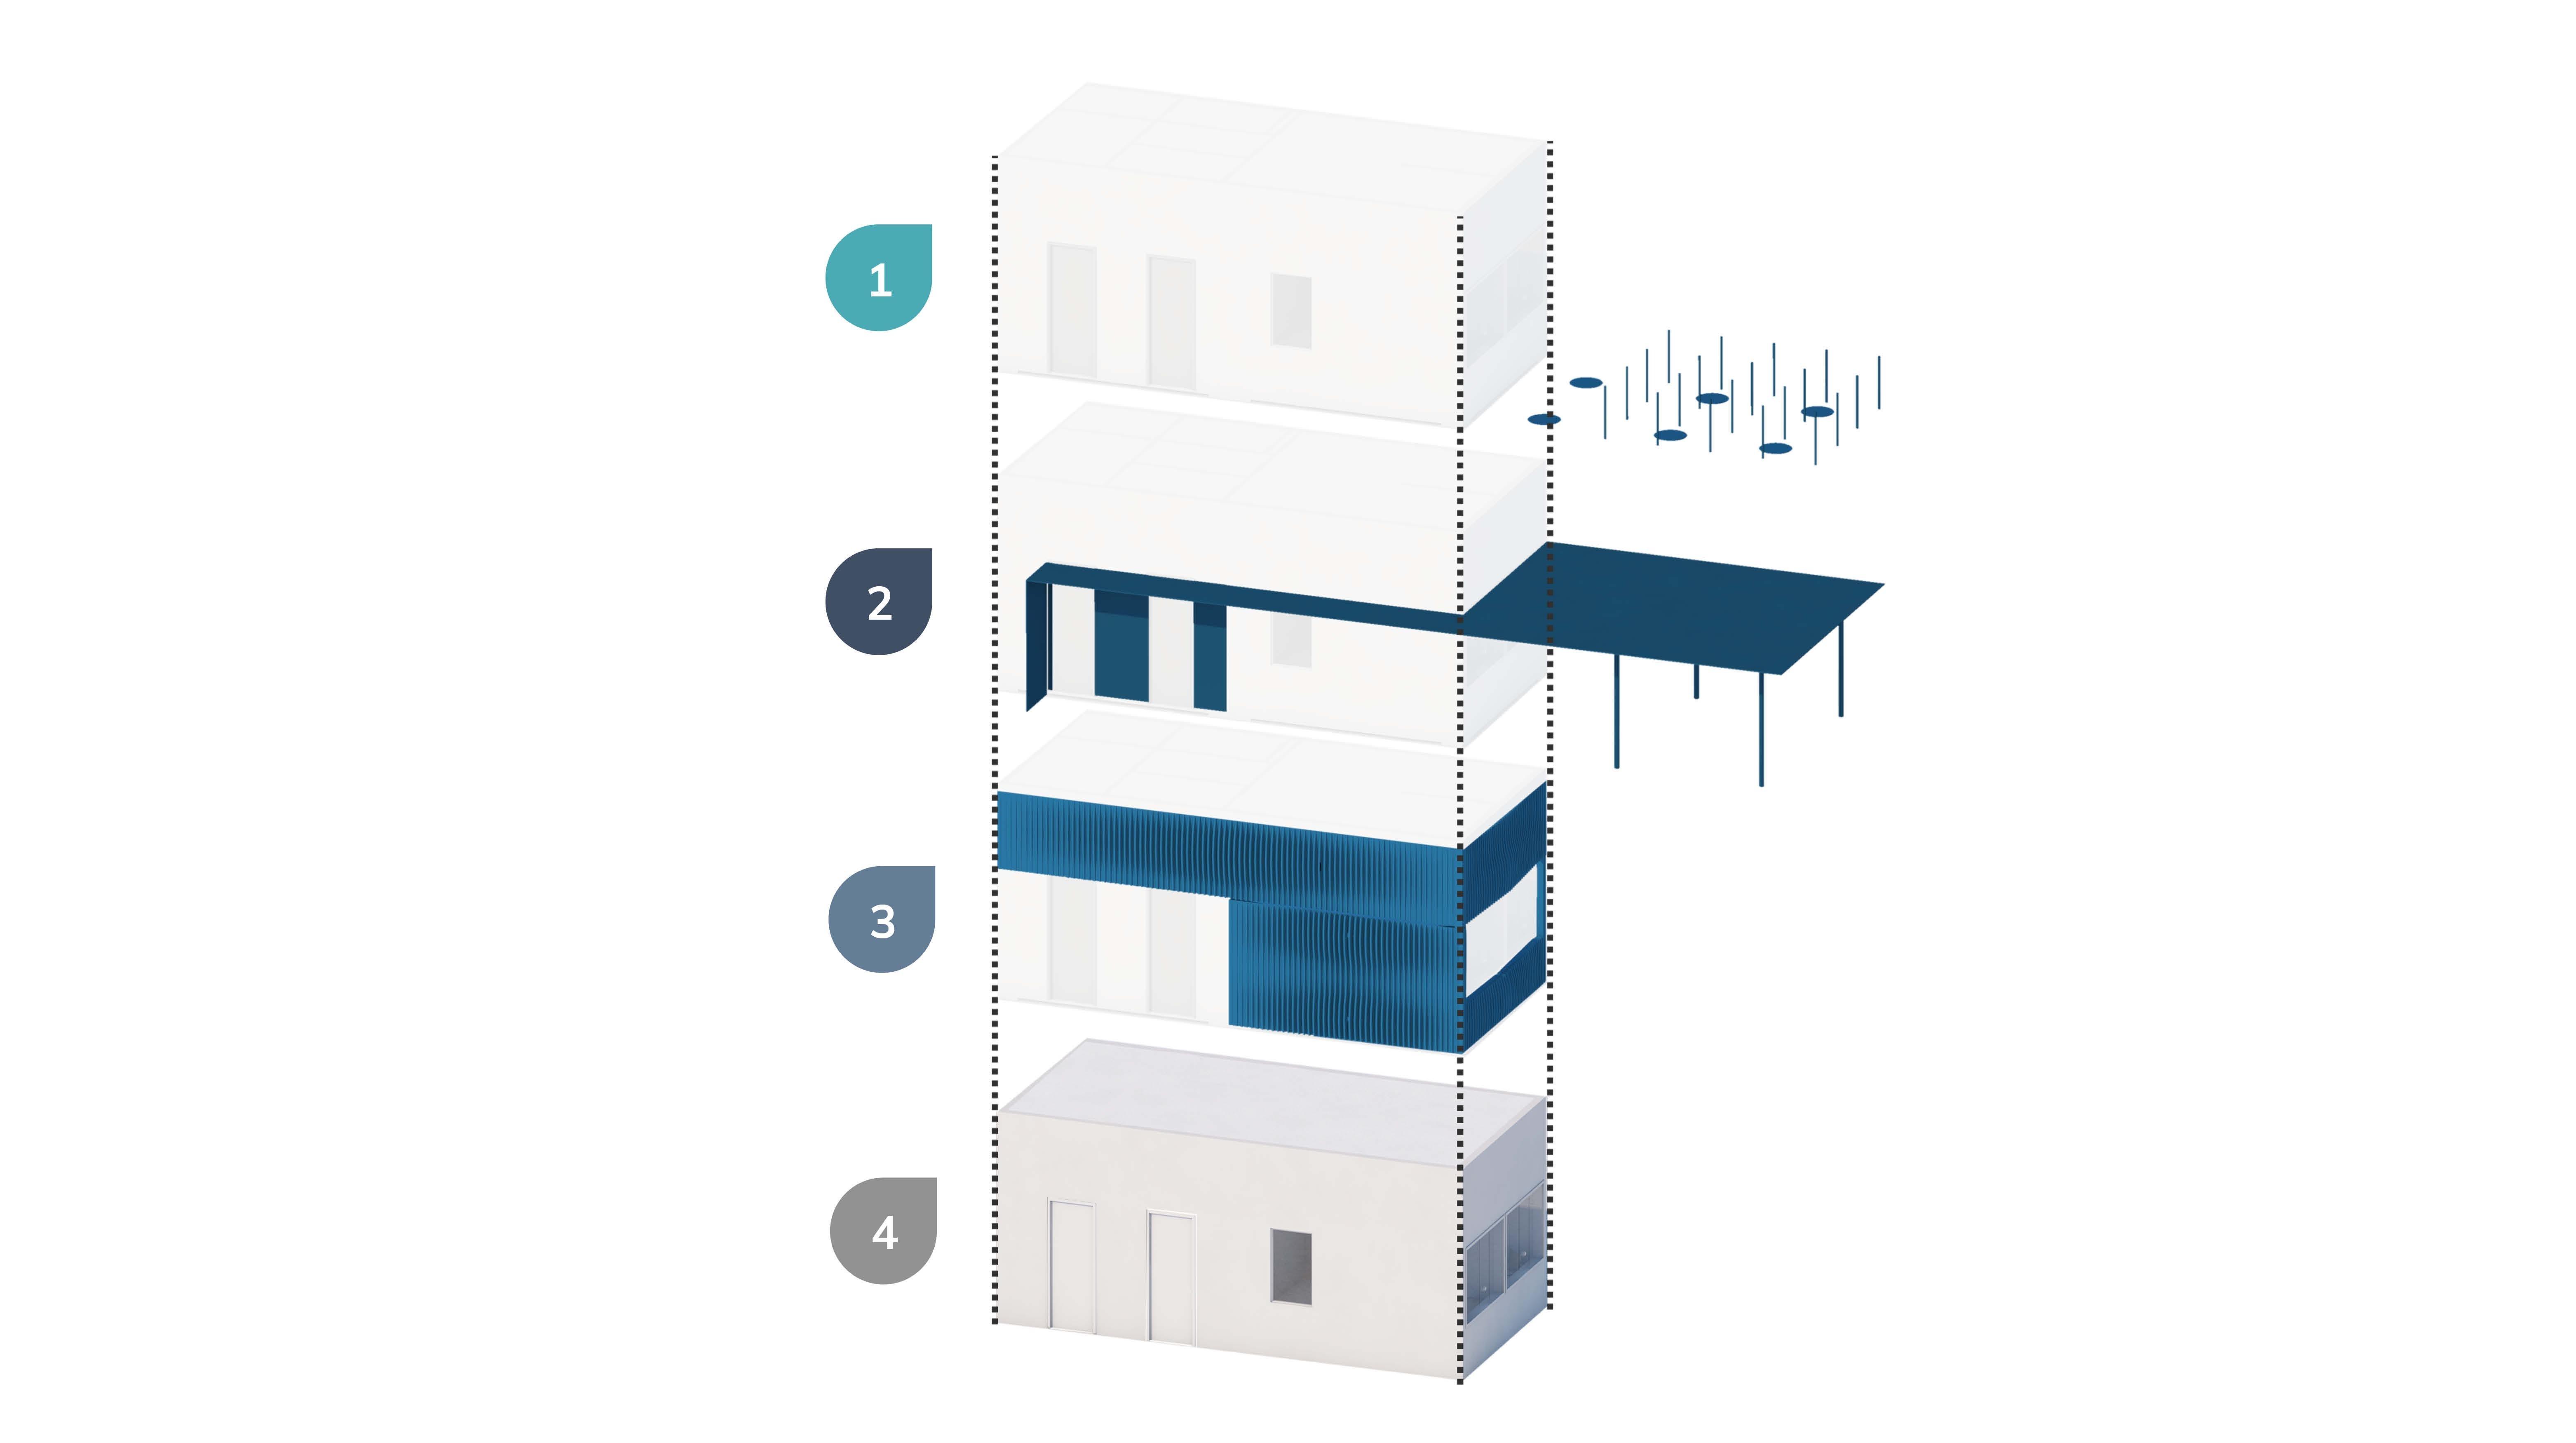 uSafe Lab - Una soluzione modulare per ripartire in sicurezza Binini Partners - Archilinea}